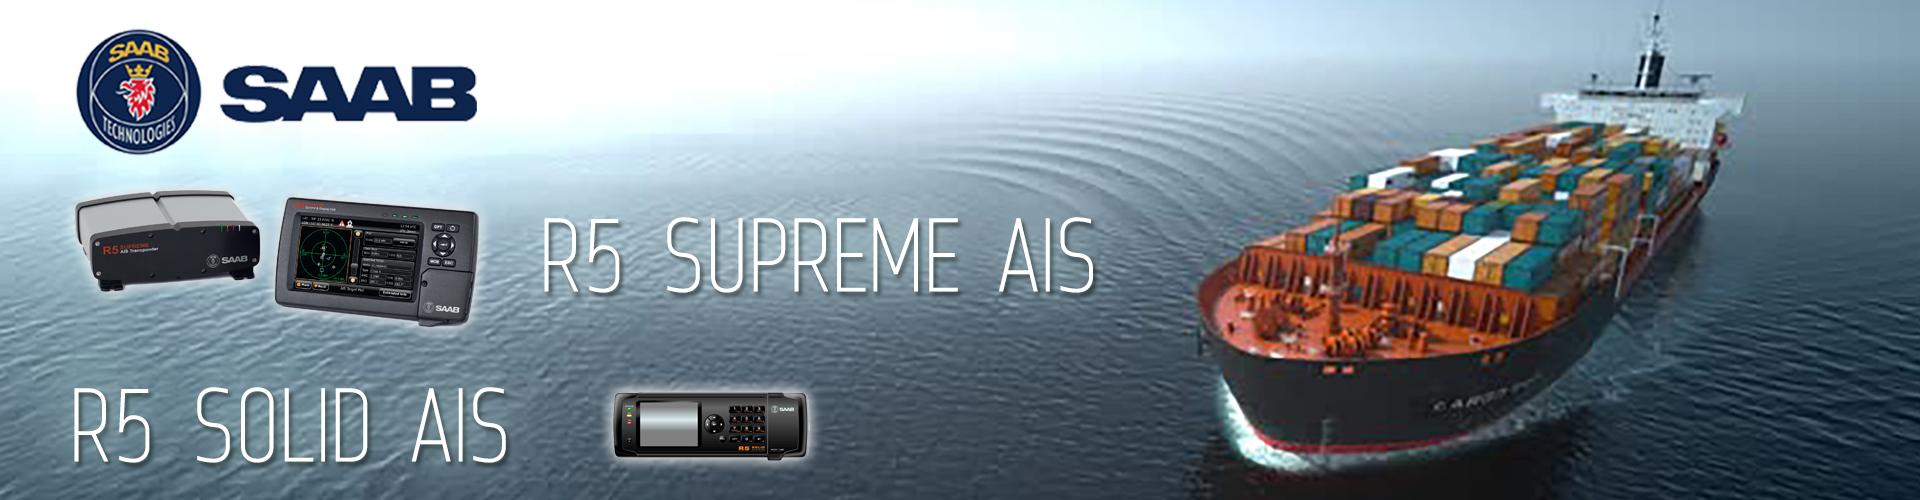 SAAB R5 AIS